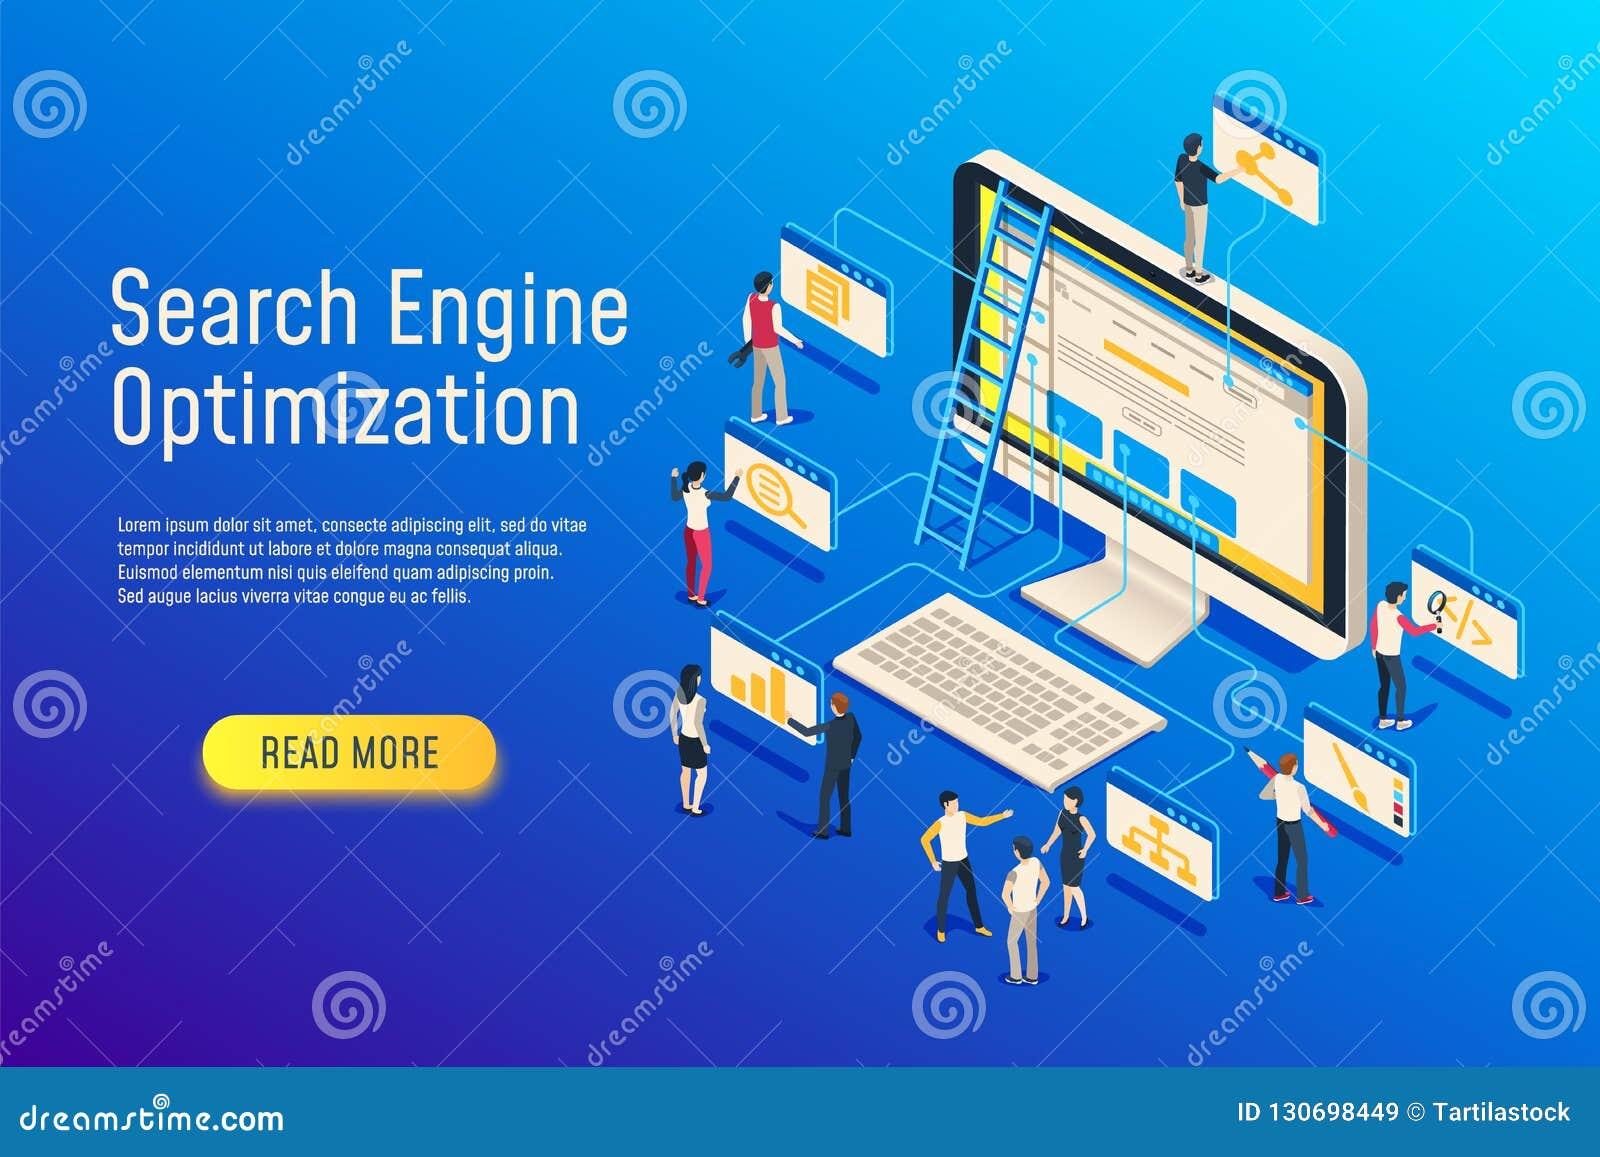 Isometrische seooptimalisering De computer van het websiteteam het optimaliseren 3d seowebsite optimaliseert vectorillustratie